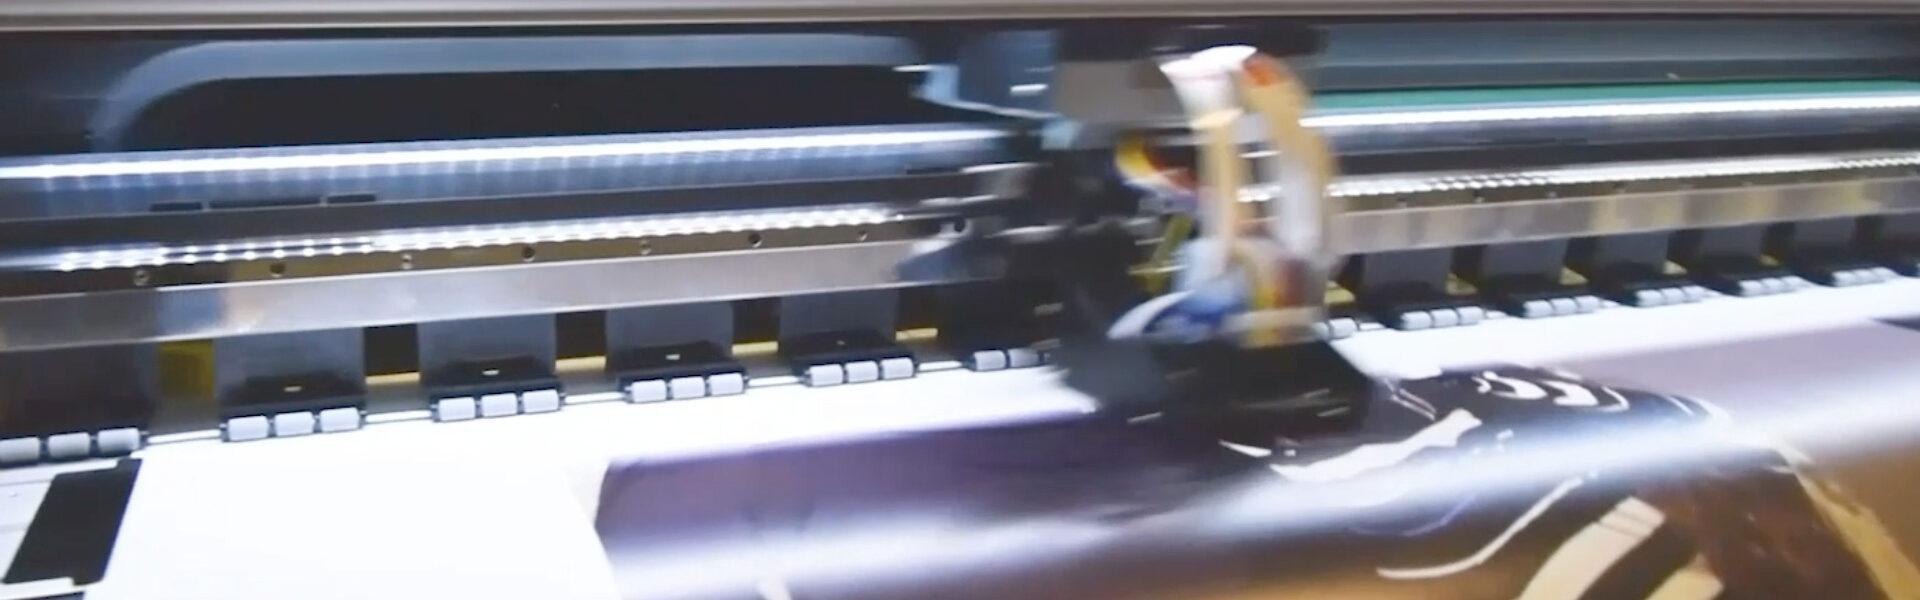 Tekercses nyomtatás